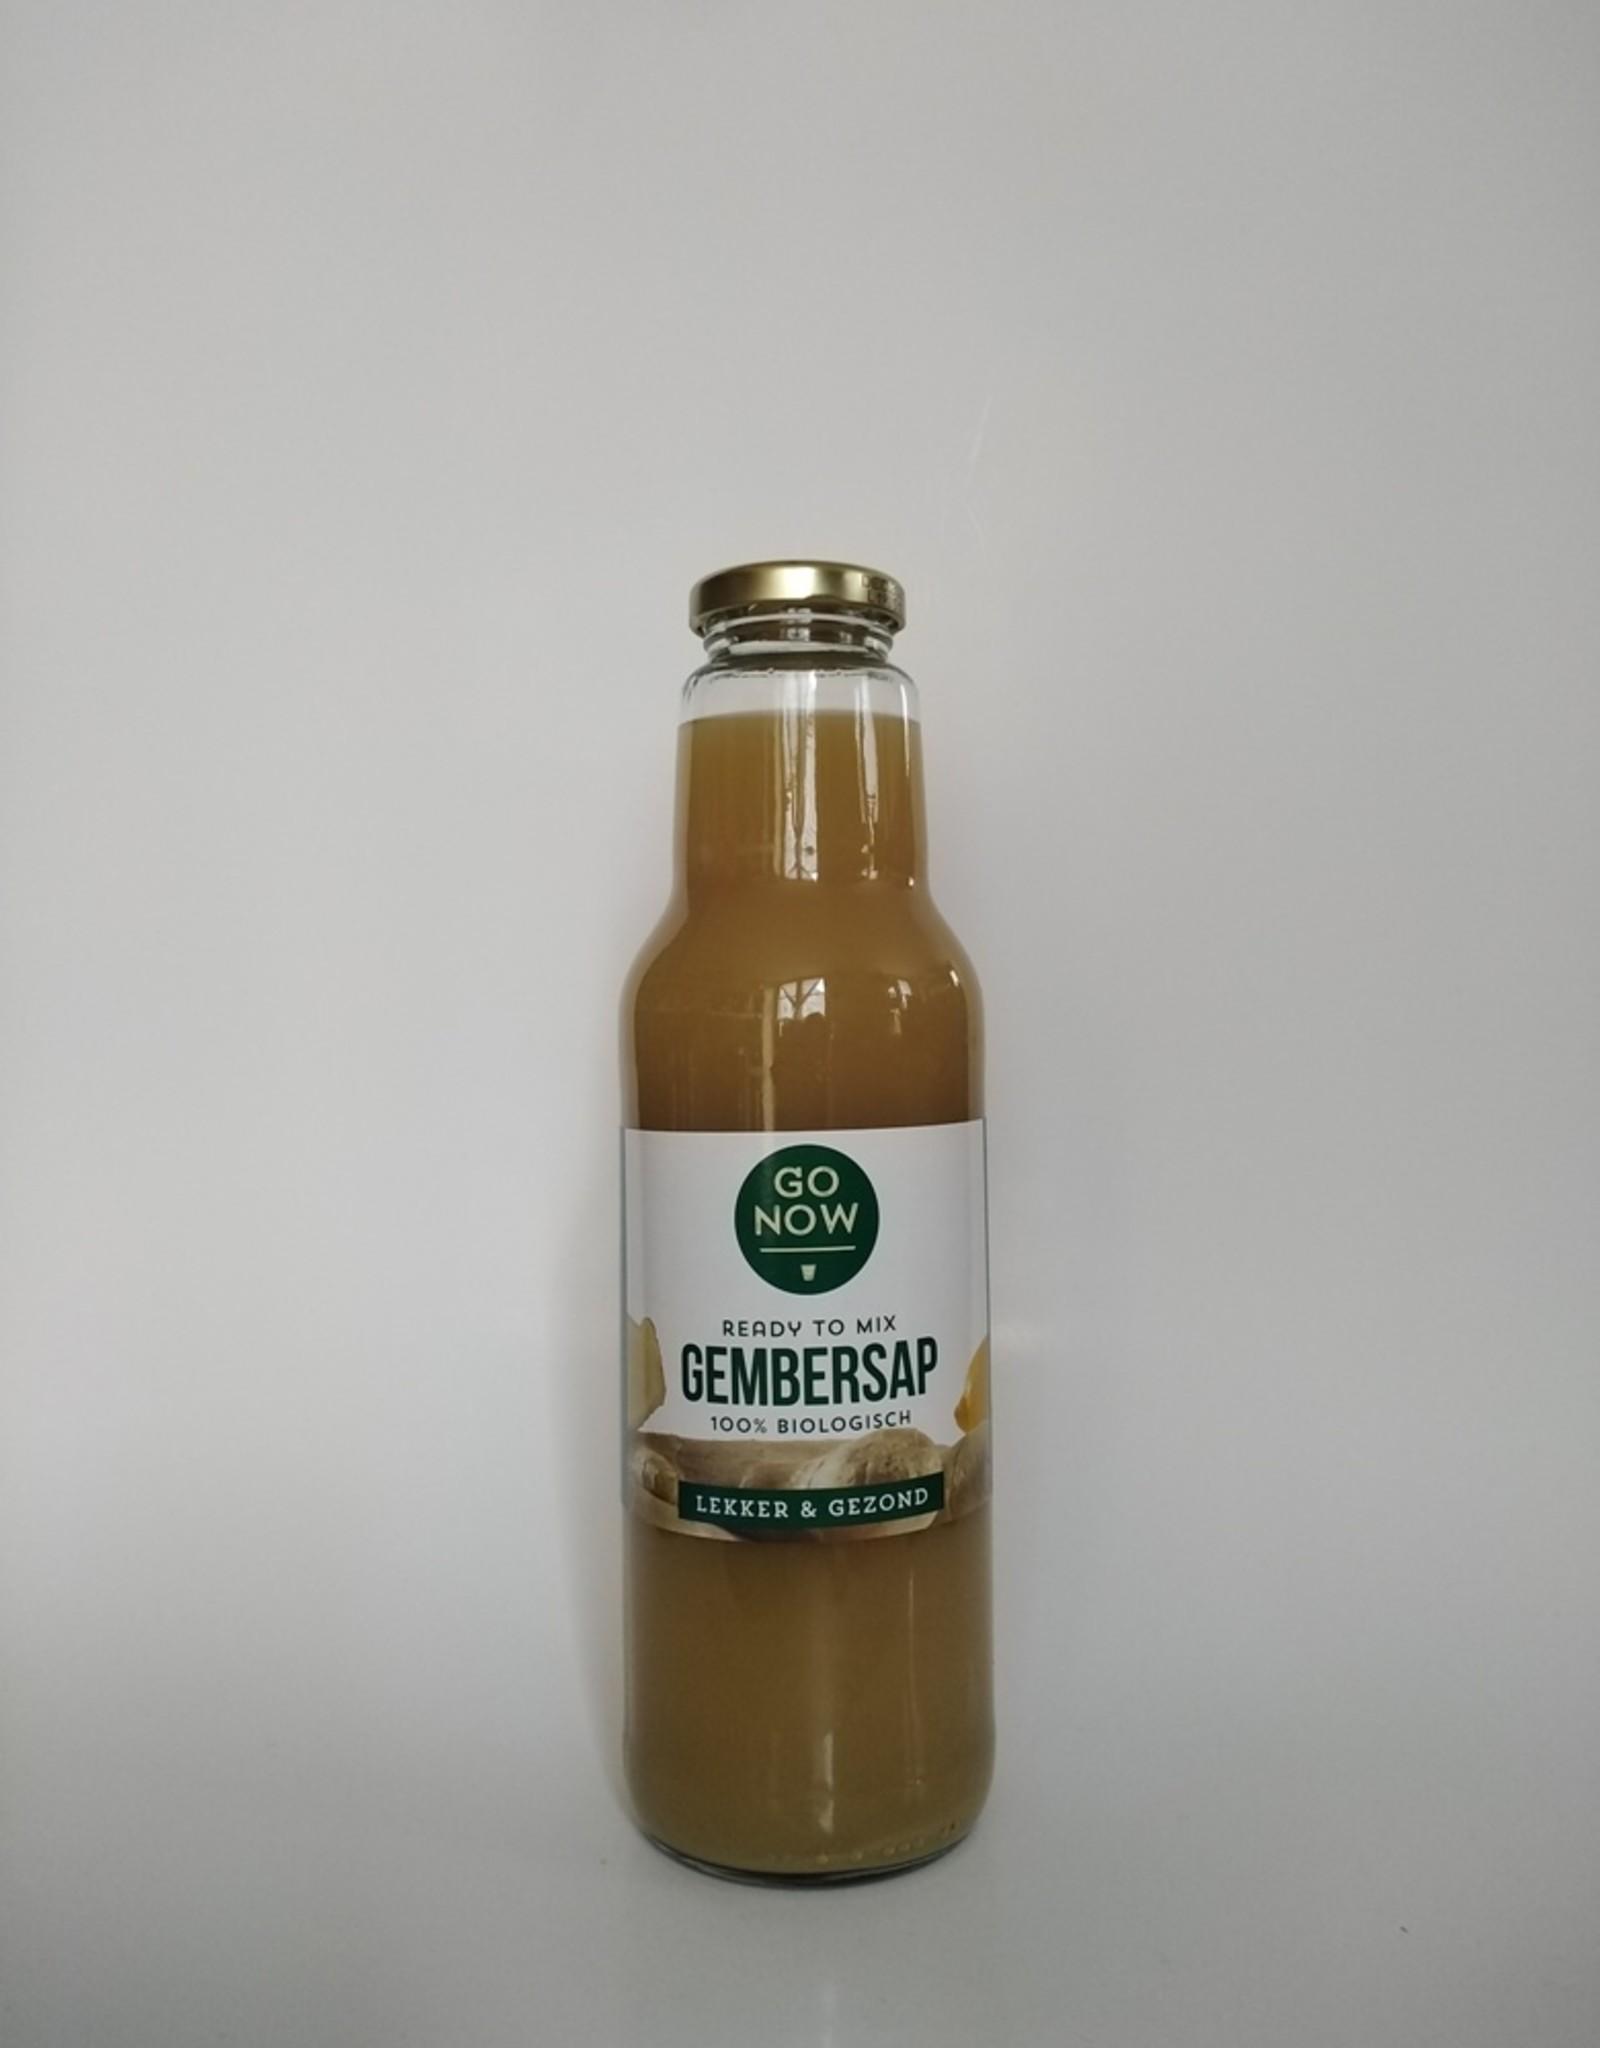 Go Now Go Now - Ready to mix - Gembersap - 750 ml